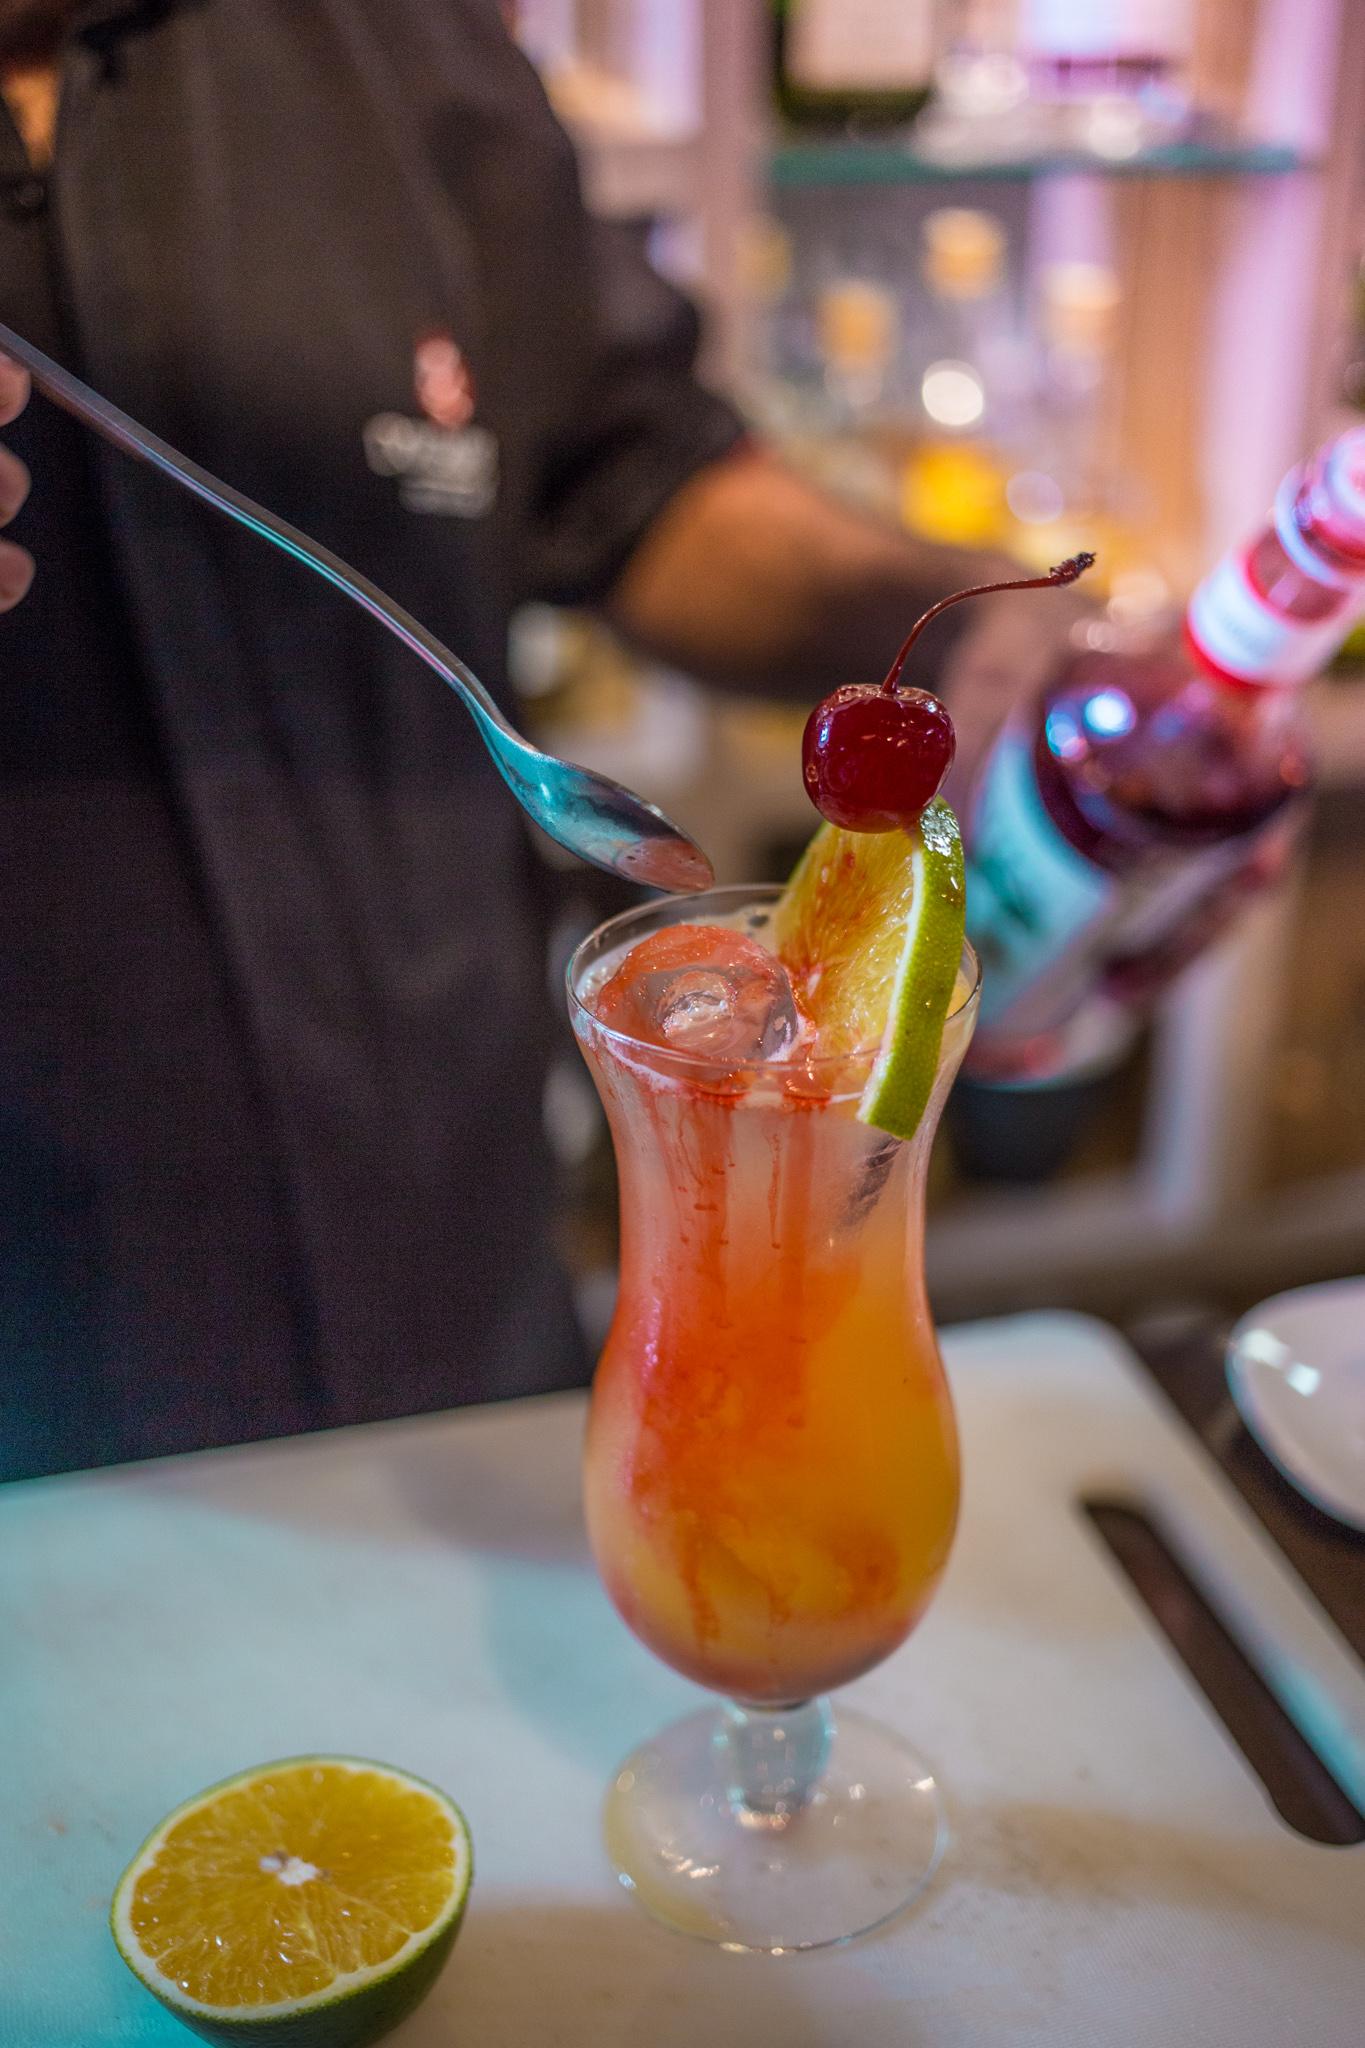 Aproveite o Happy Hour as quartas-feiras no Dom Churrasco - Beira Mar! Rodízio de Pastéis liberado de R$37 por apenas R$27